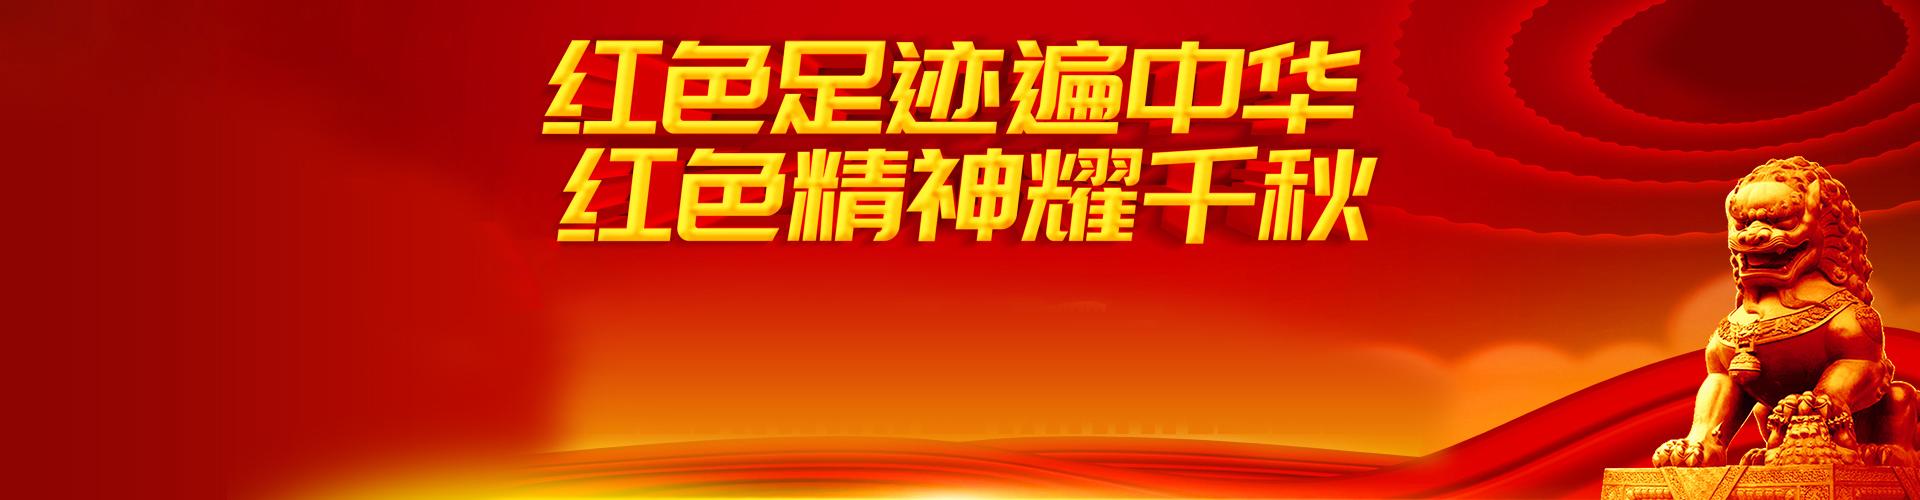 广西党性教育